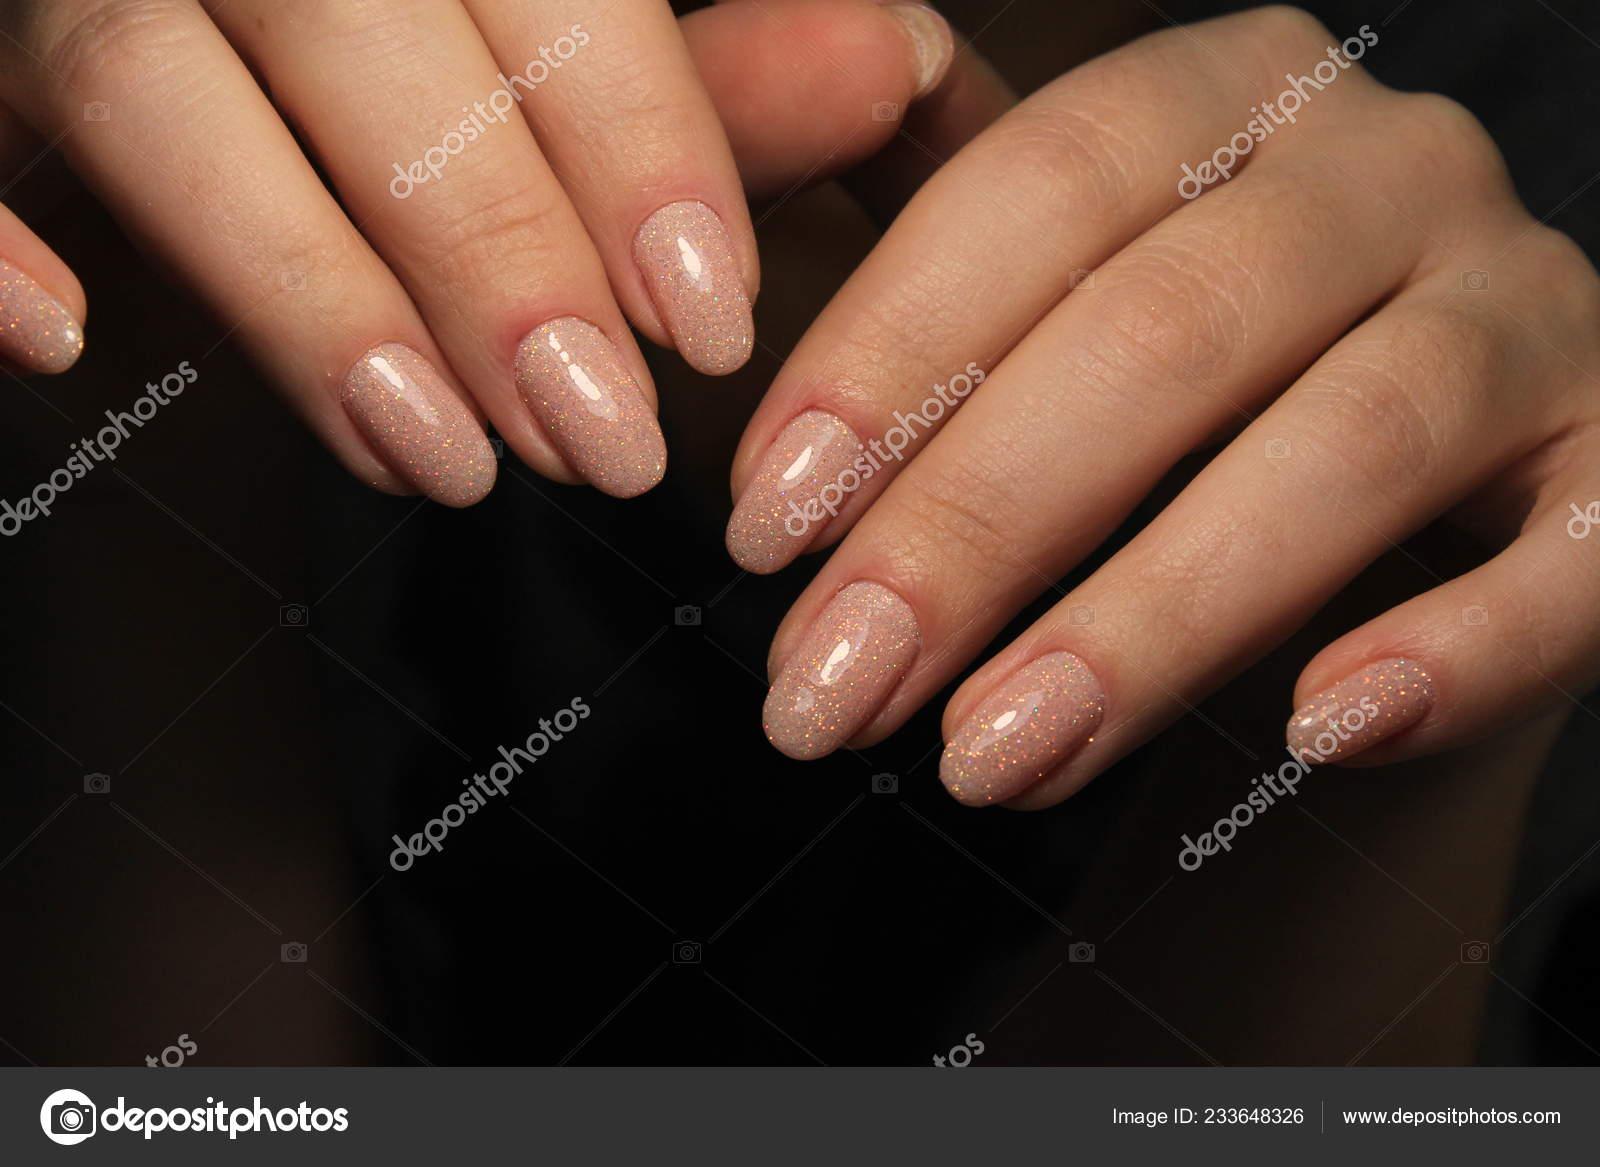 Winter gel nail colors 2018